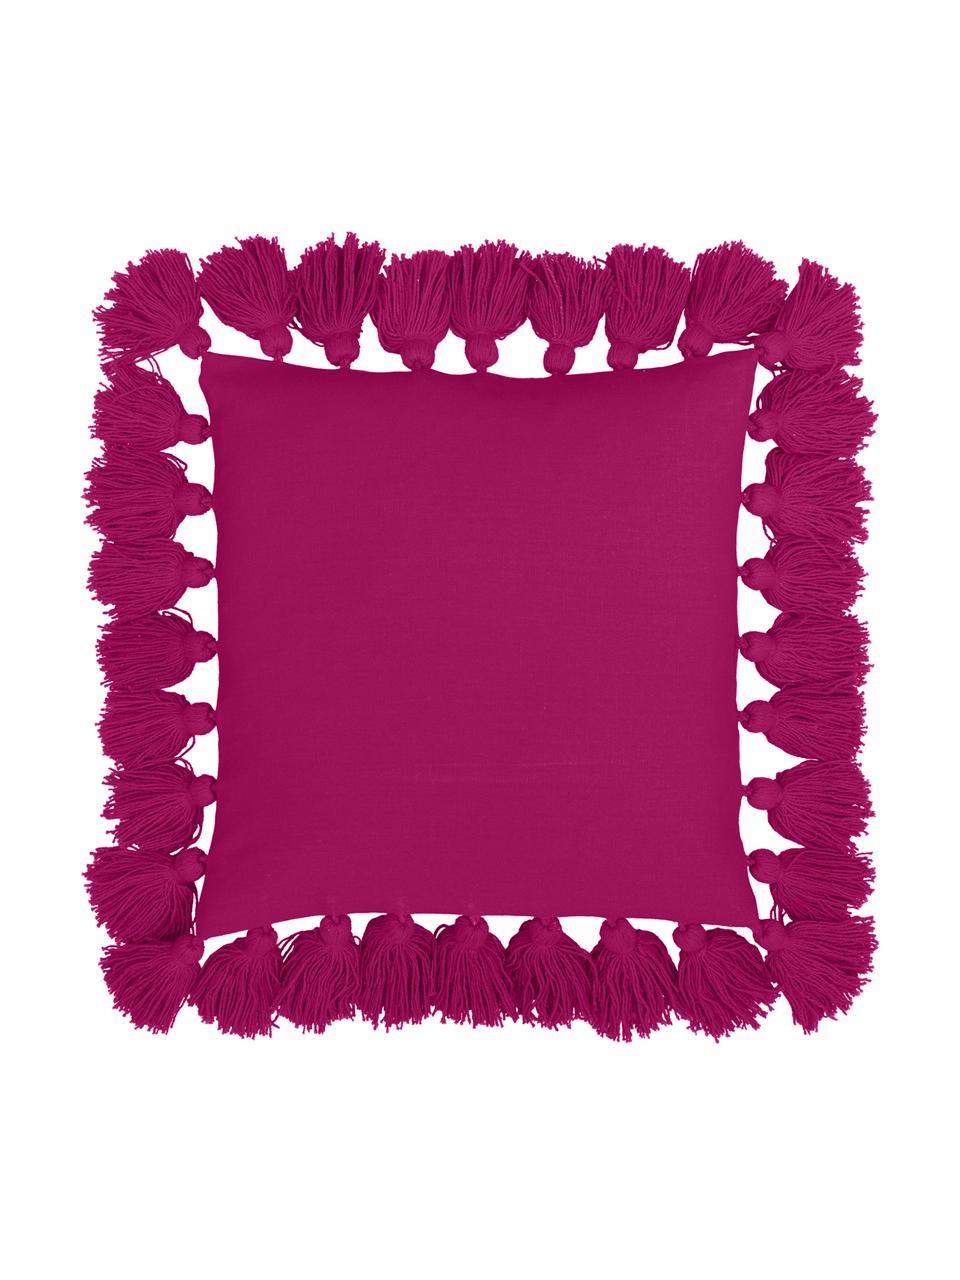 Kissenhülle Shylo mit Quasten, 100% Baumwolle, Fuchsia, 40 x 40 cm